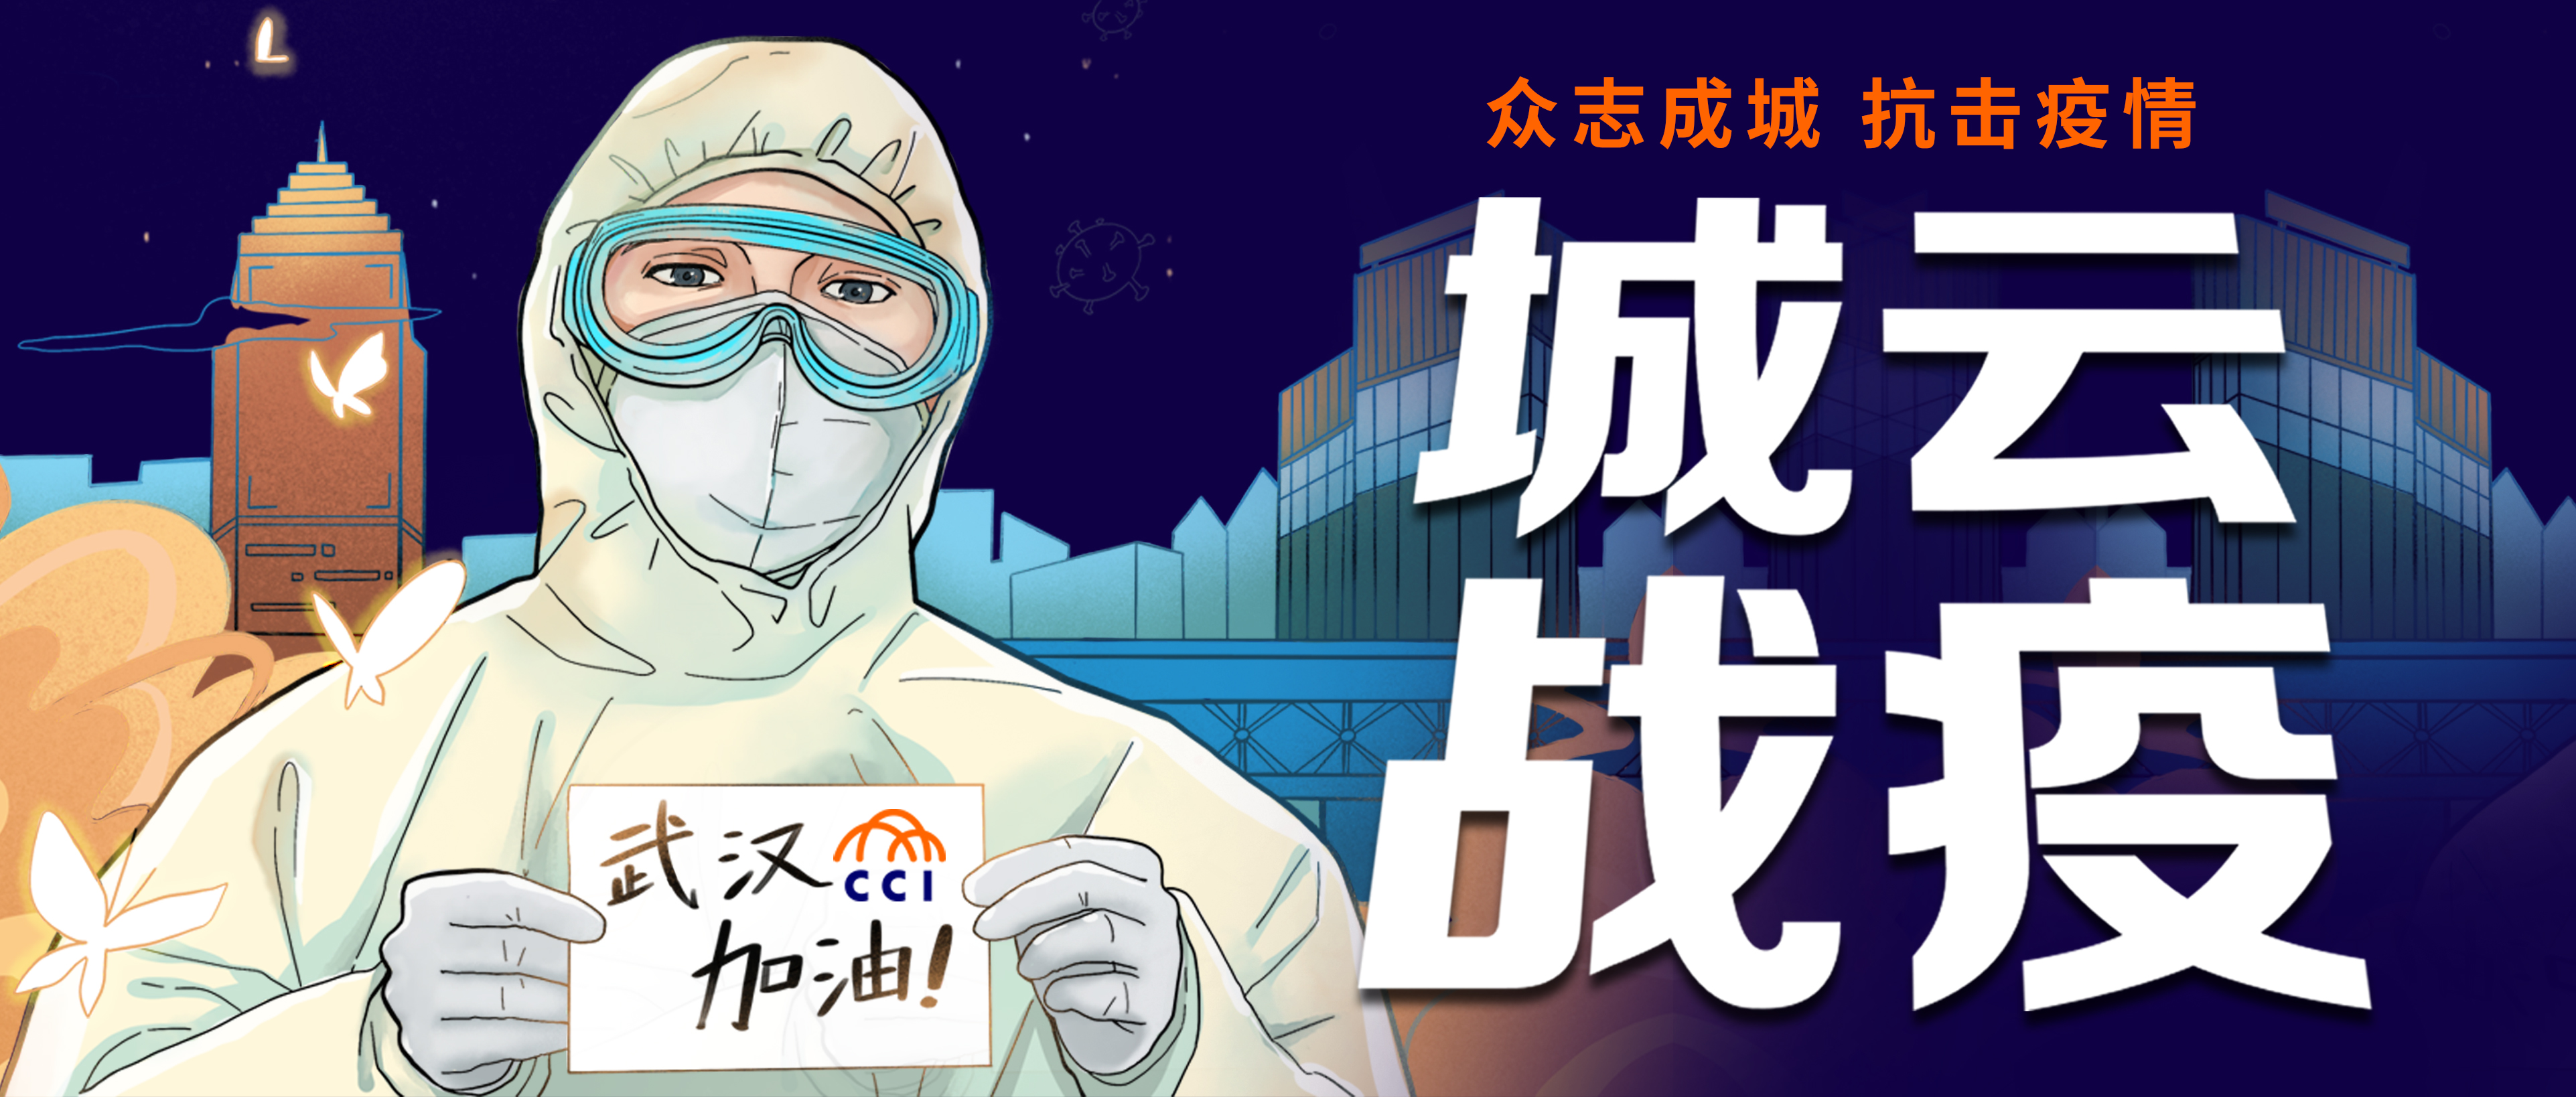 城云科技宣传